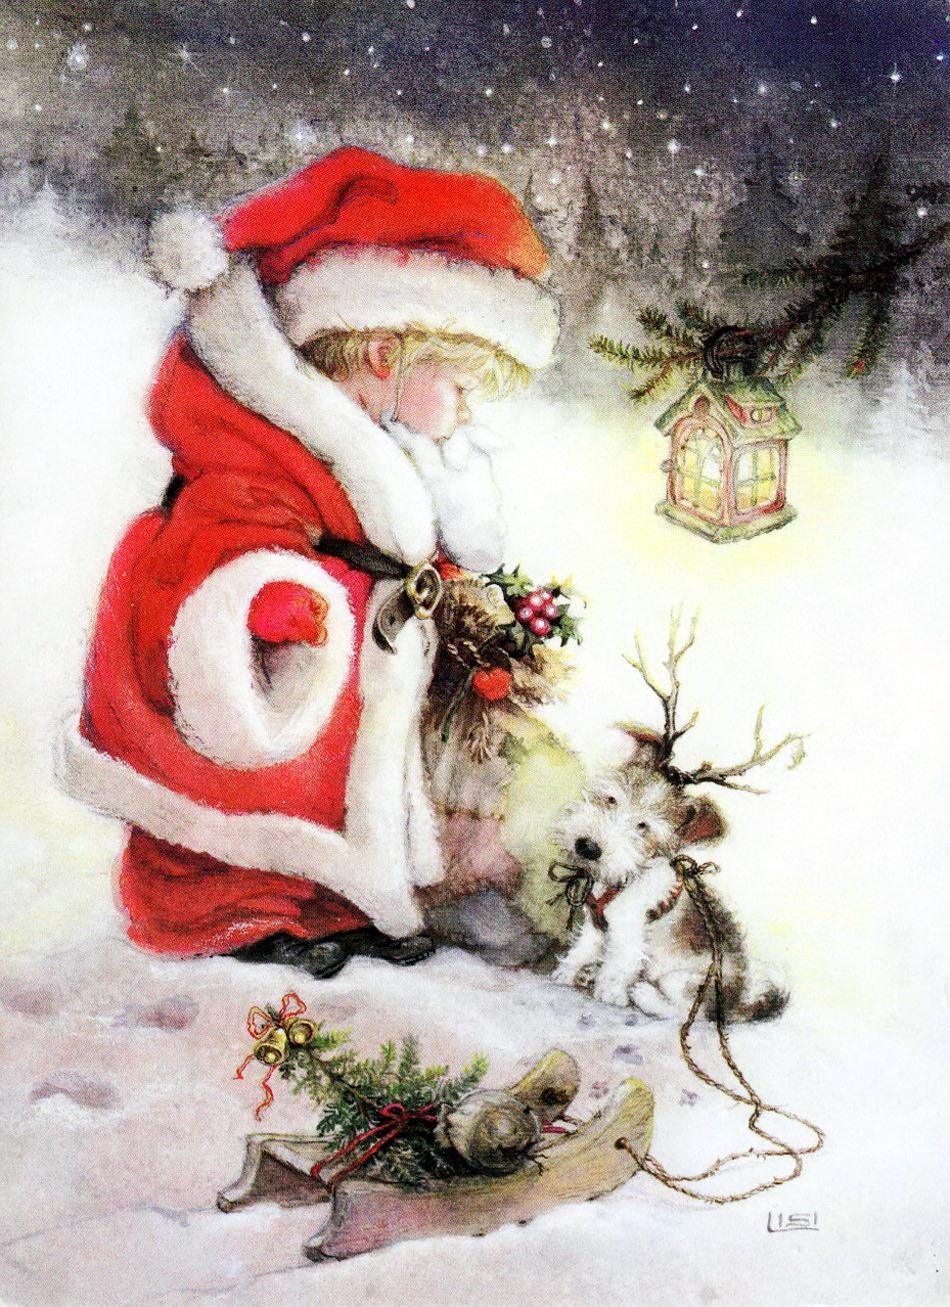 Иллюстрации рождественских открыток